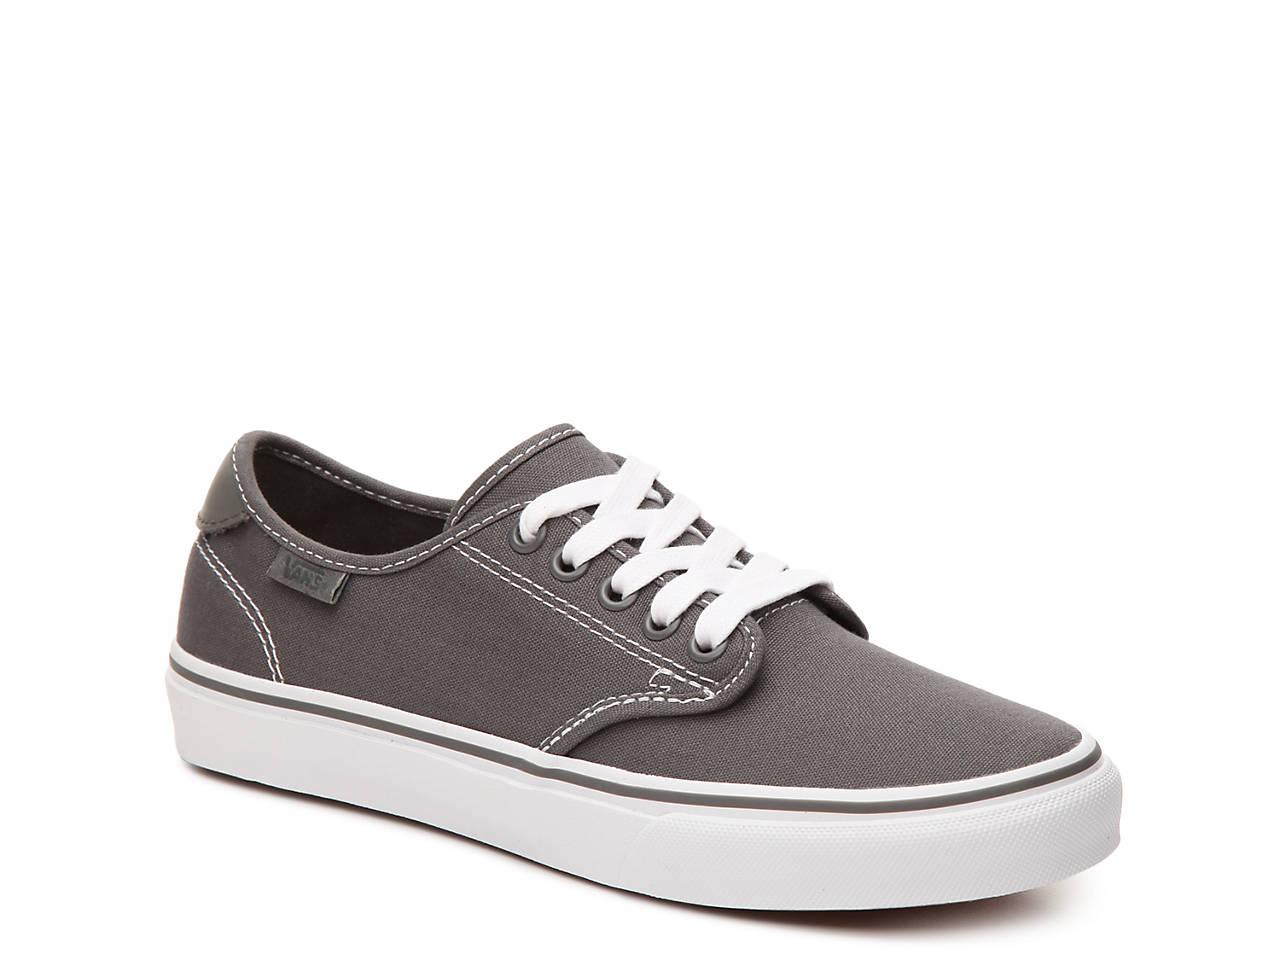 6efafd6189 Vans Camden Deluxe Sneaker - Women s Men s Shoes